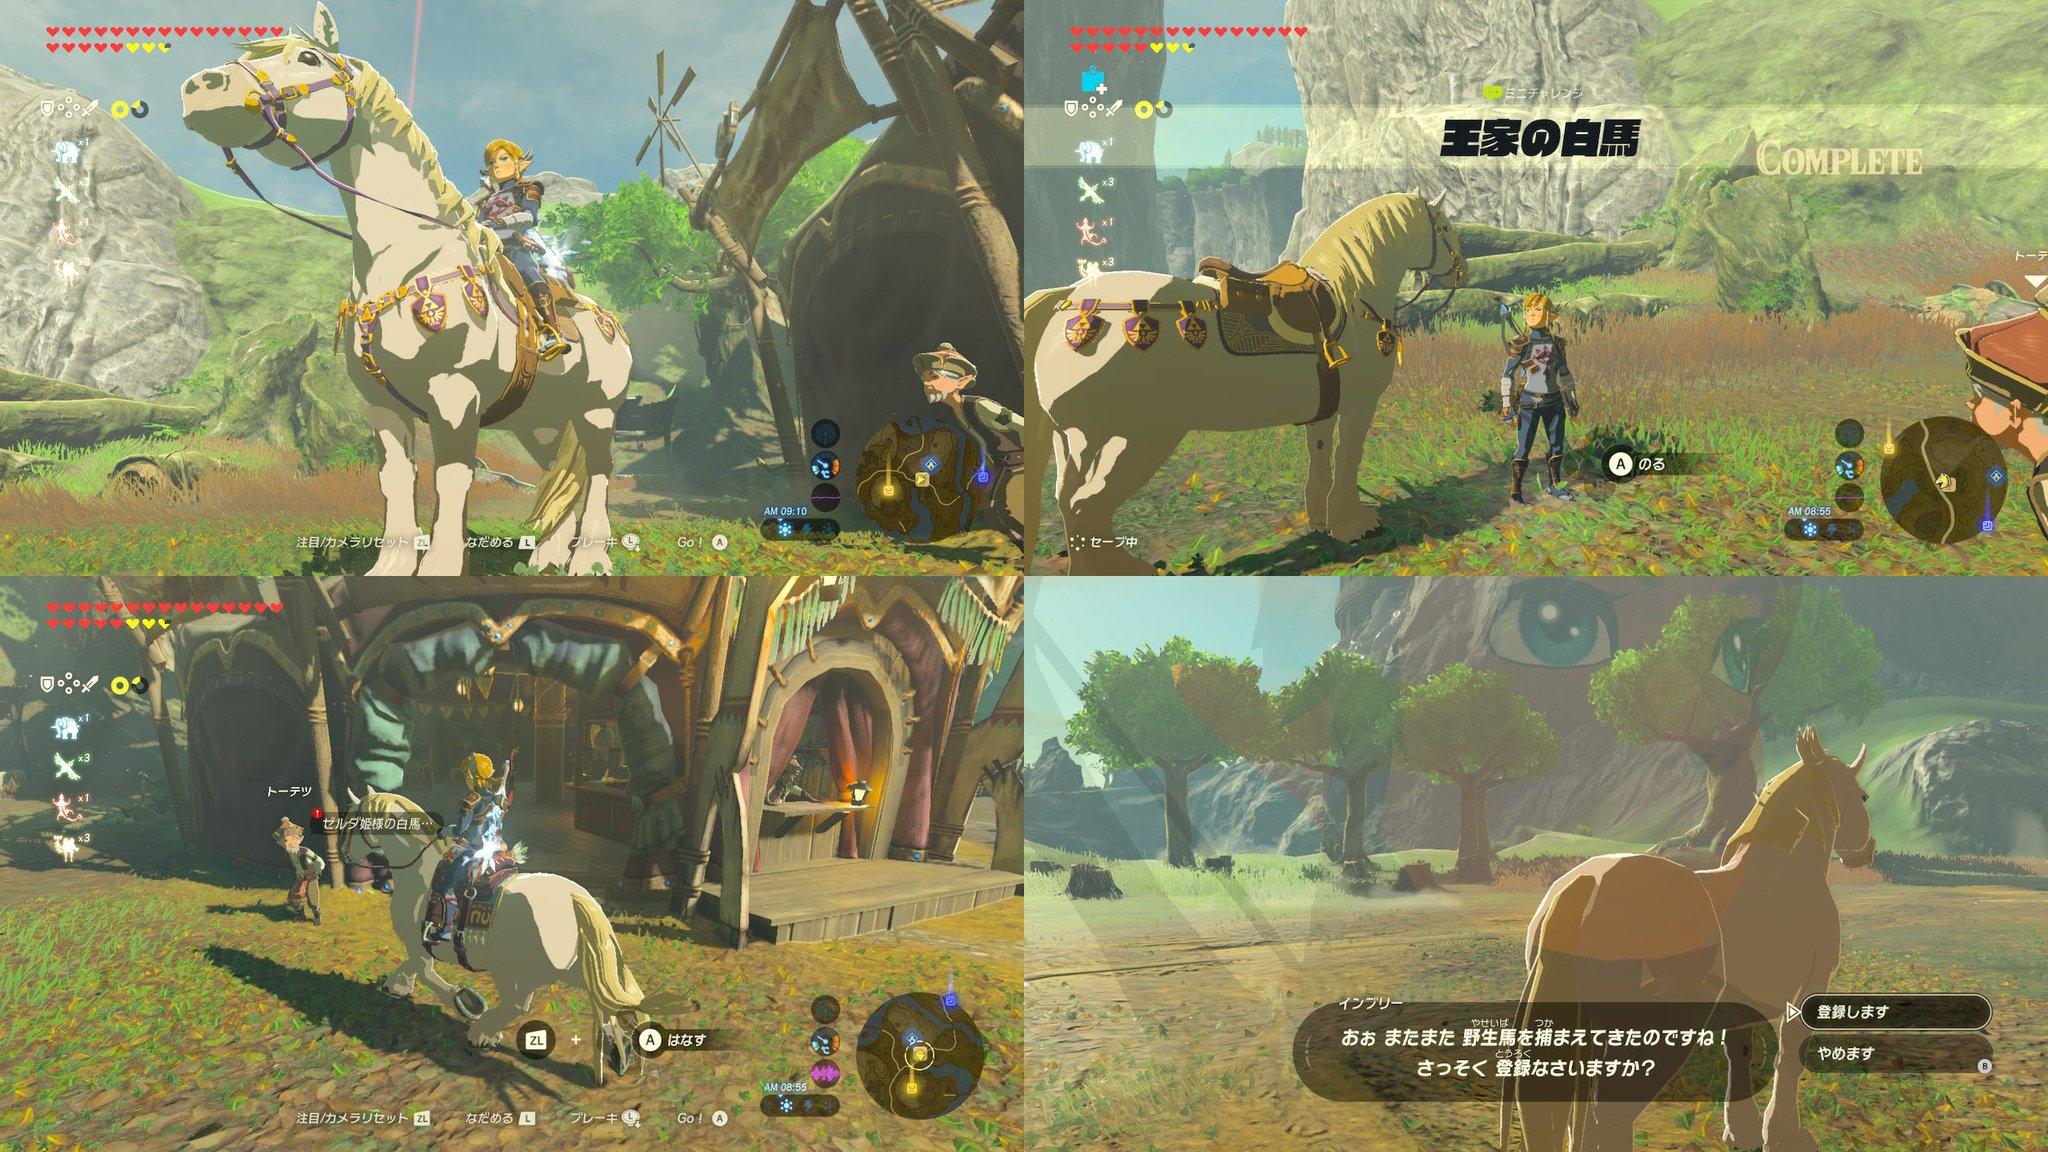 馬は5頭ぐらいまでしか預けられないのね... 泣く泣く預けていた1頭をあきらめて白馬を登録(´;ω;`)ブワッ なんかリンク睨みつけてない? #ゼルダの伝説 #BreathoftheWild #NintendoSwitch https://t.co/O4Aqz41IOF